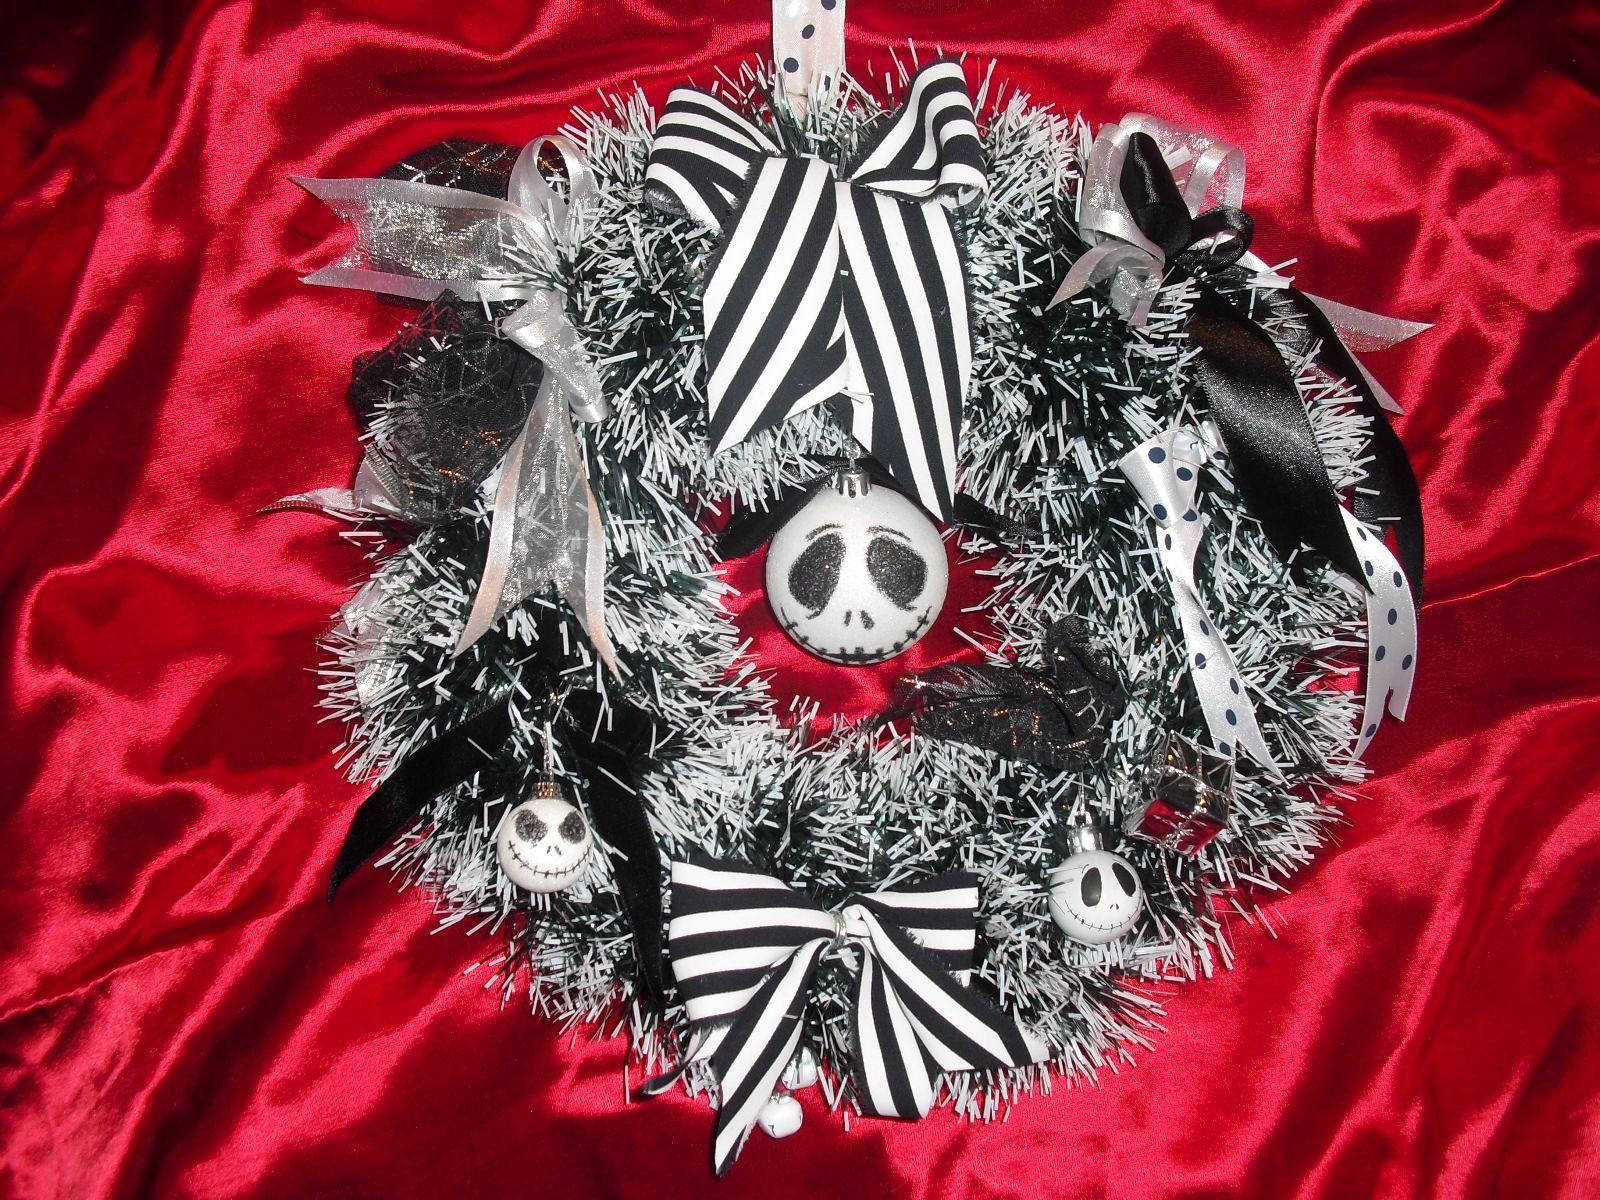 Jack Skellington wreath baubles Nightmare before